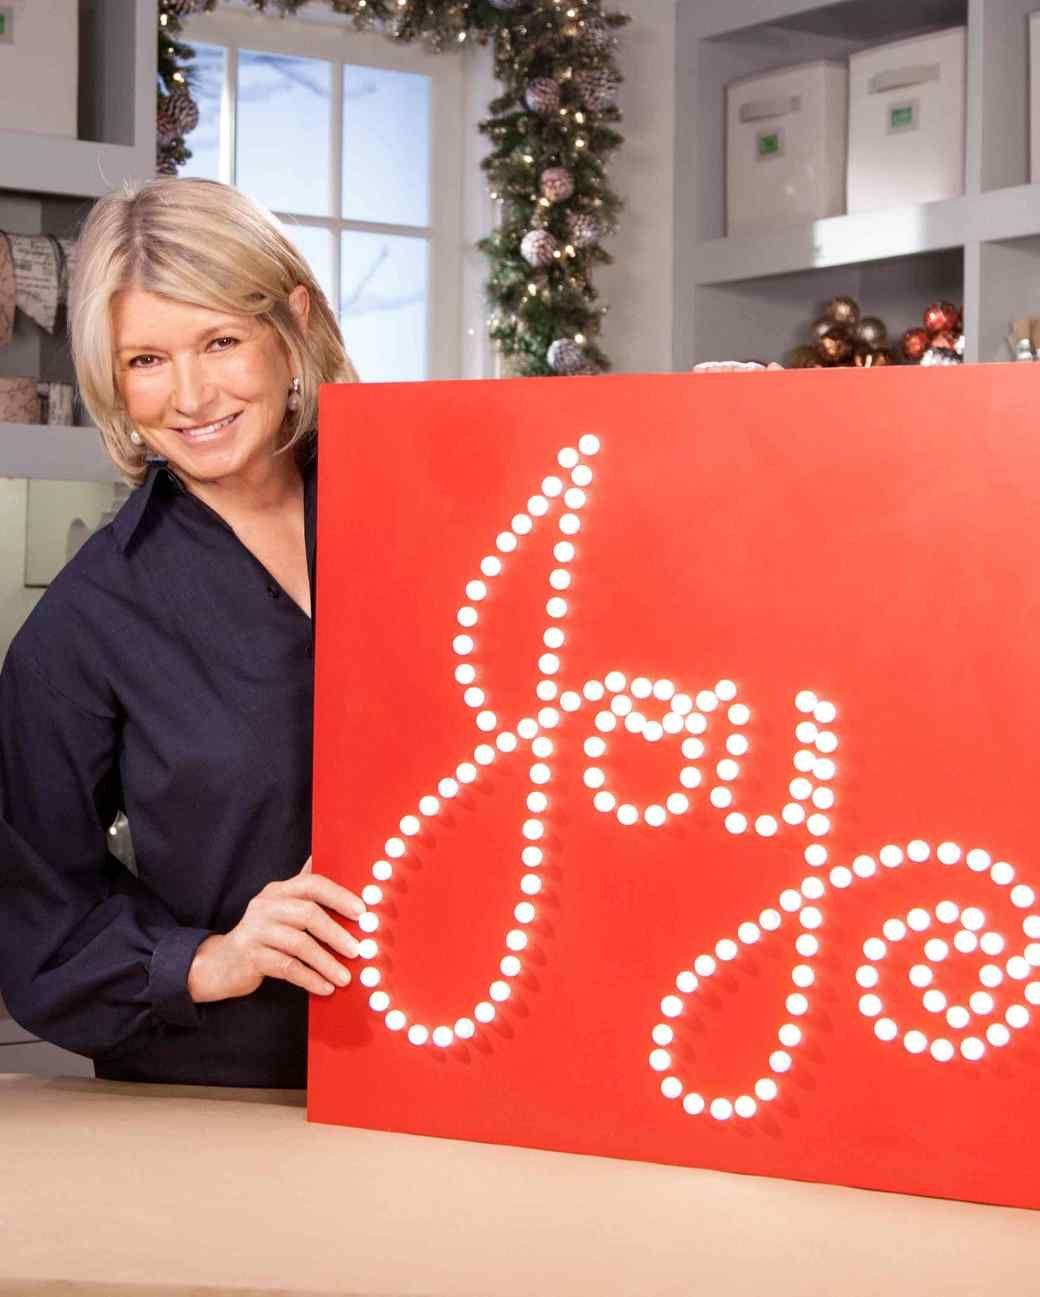 Joyful Lighted Holiday Sign How-To  Diy christmas lights